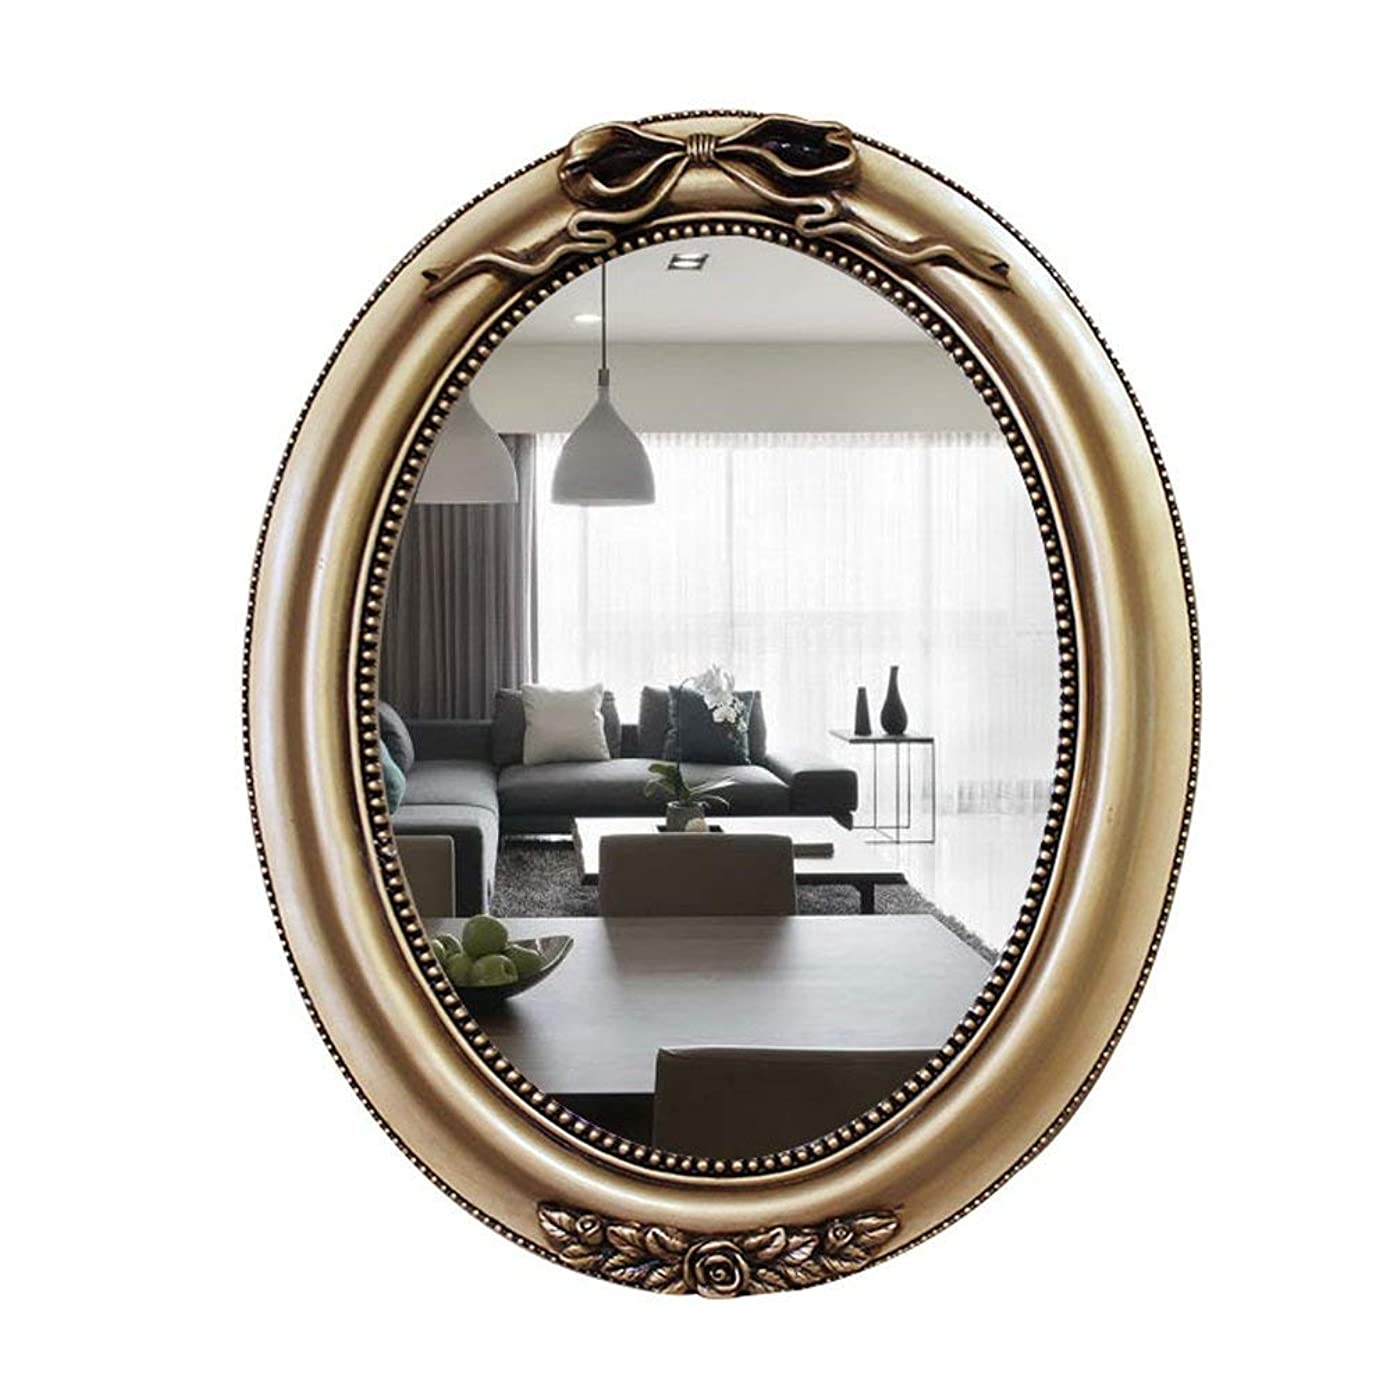 団結する団結するスカイWGWミラーのバスルームミラー、装飾的なミラー壁掛け化粧鏡化粧鏡小さなバスルームミラー(色:B)化粧鏡